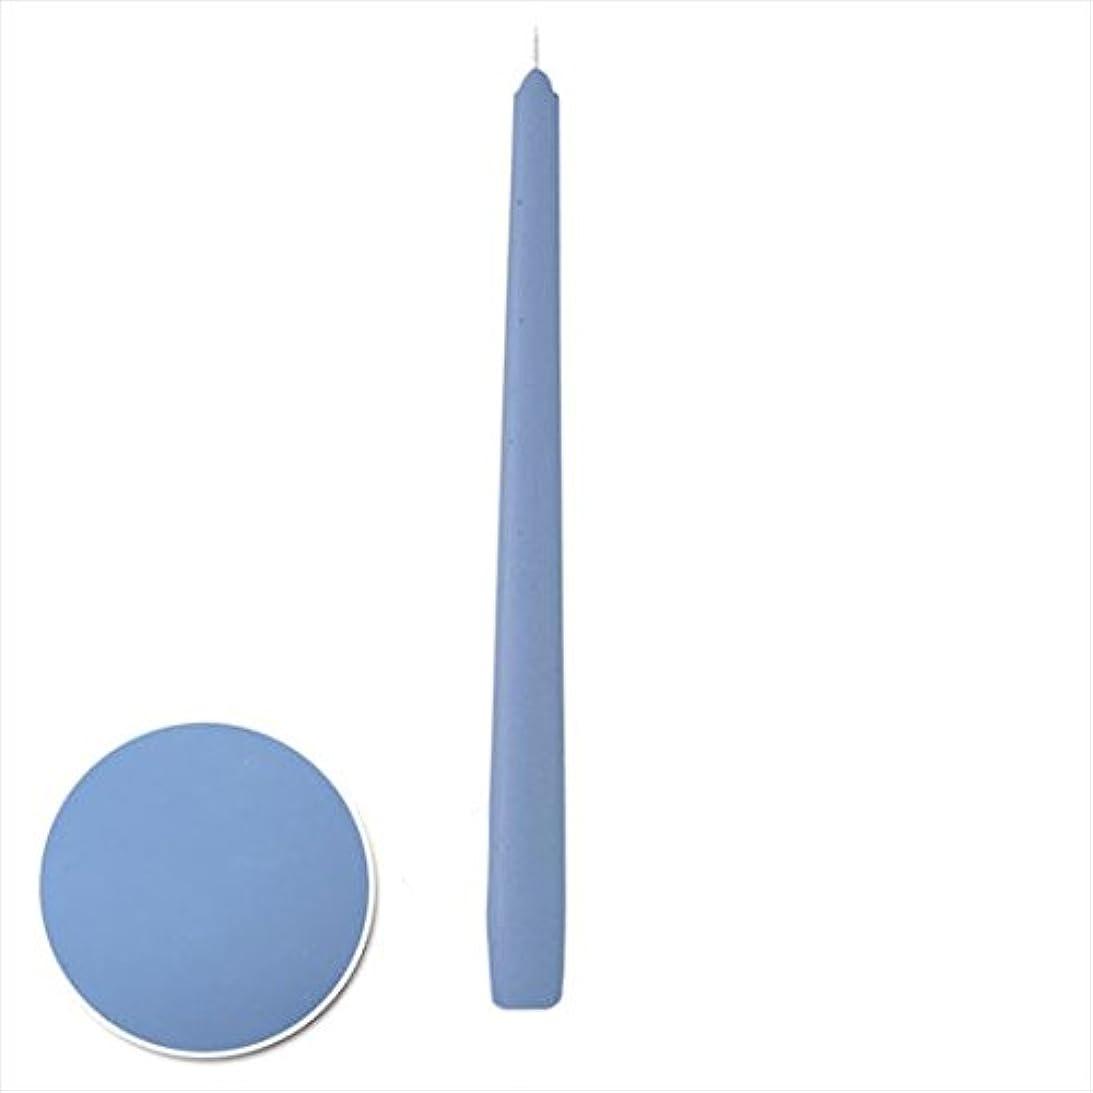 攻撃味付けアプローチカメヤマキャンドル( kameyama candle ) 12インチテーパー 「 パープルブルー 」 12本入り